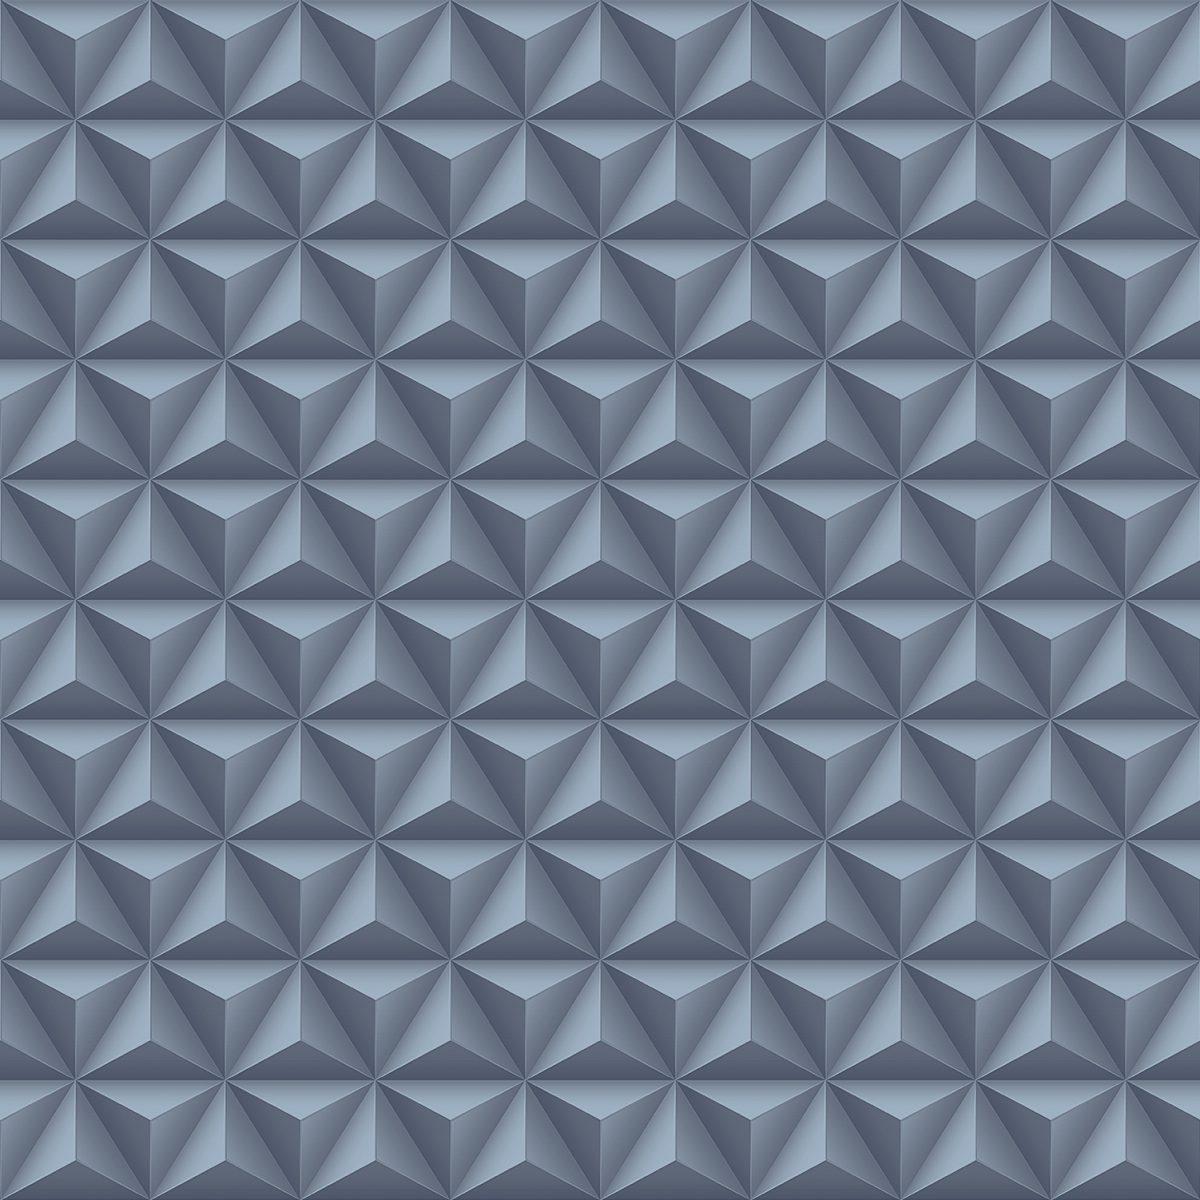 Papel de parede geométrico 3D vinílico Diplomata